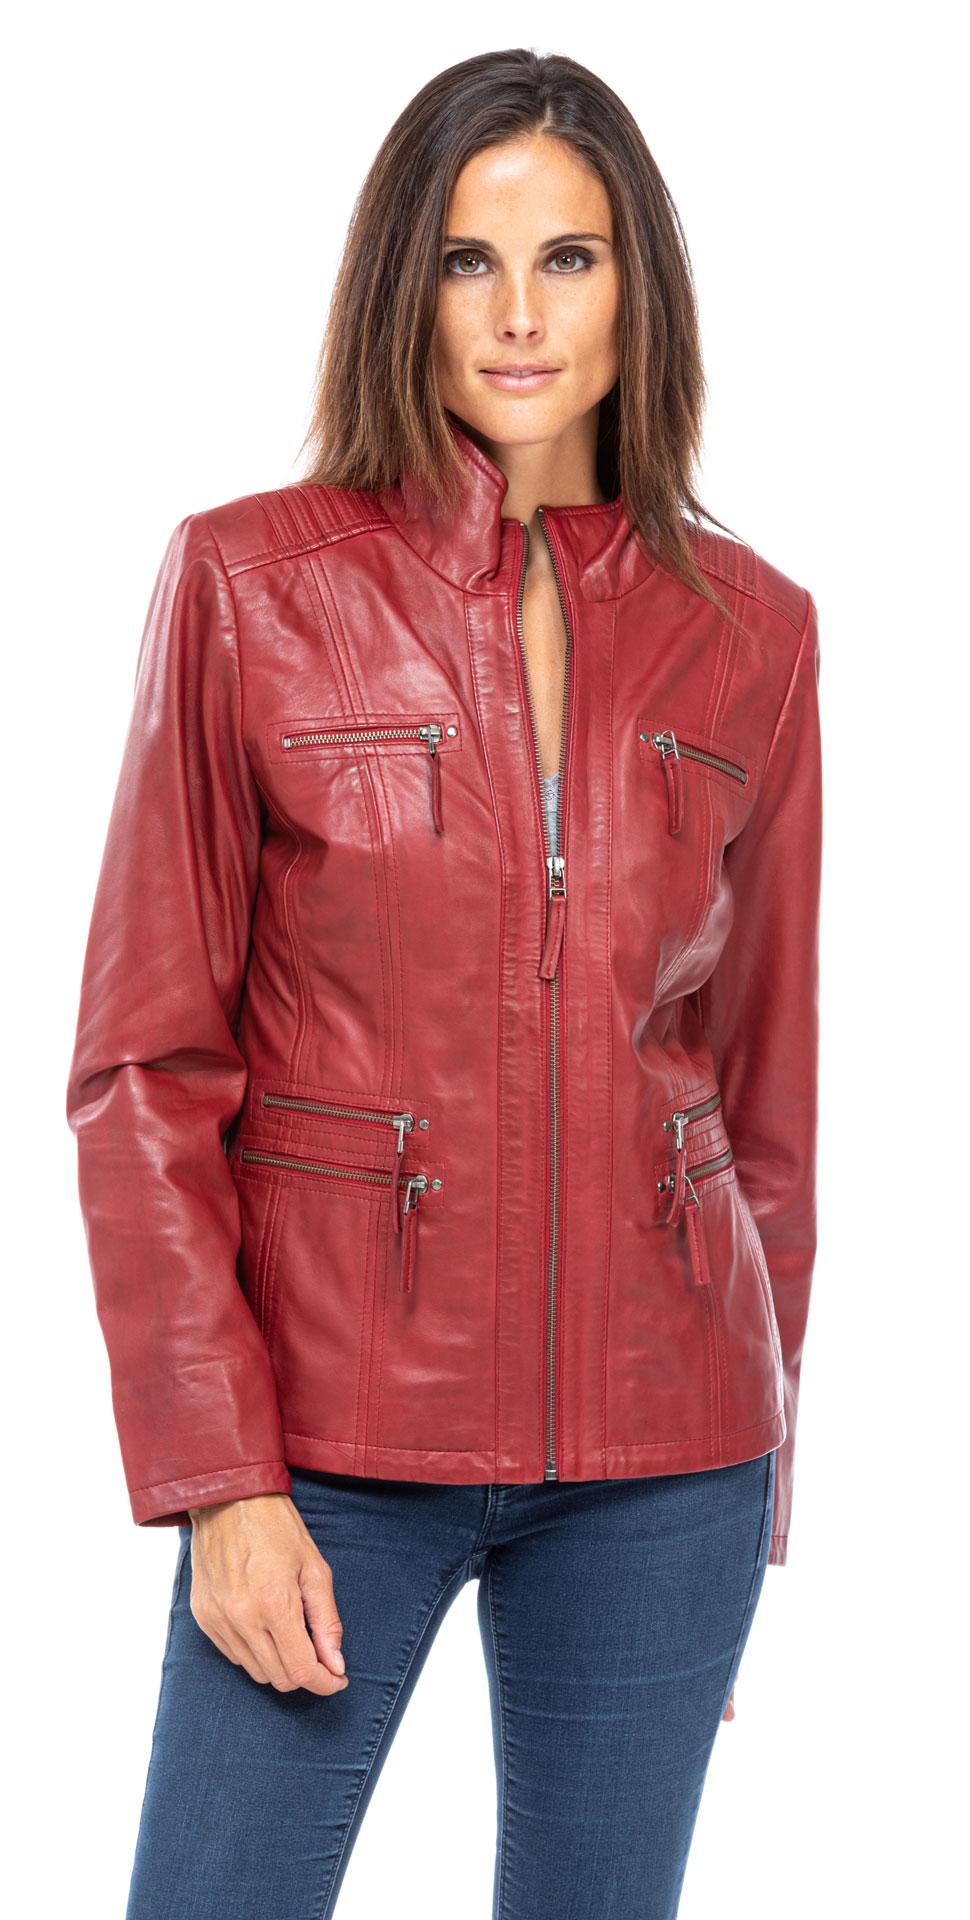 Rote Damen Lederjacke Teija